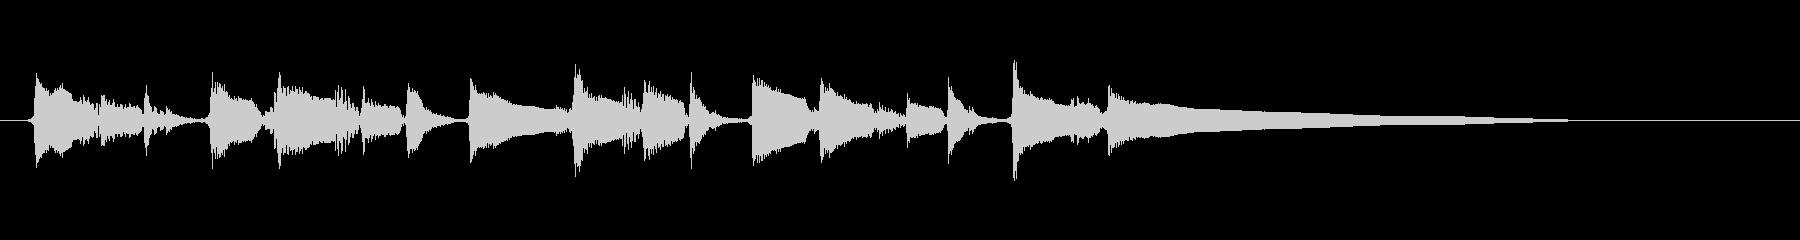 アコースティックギター 場面転換➂ ソロの未再生の波形